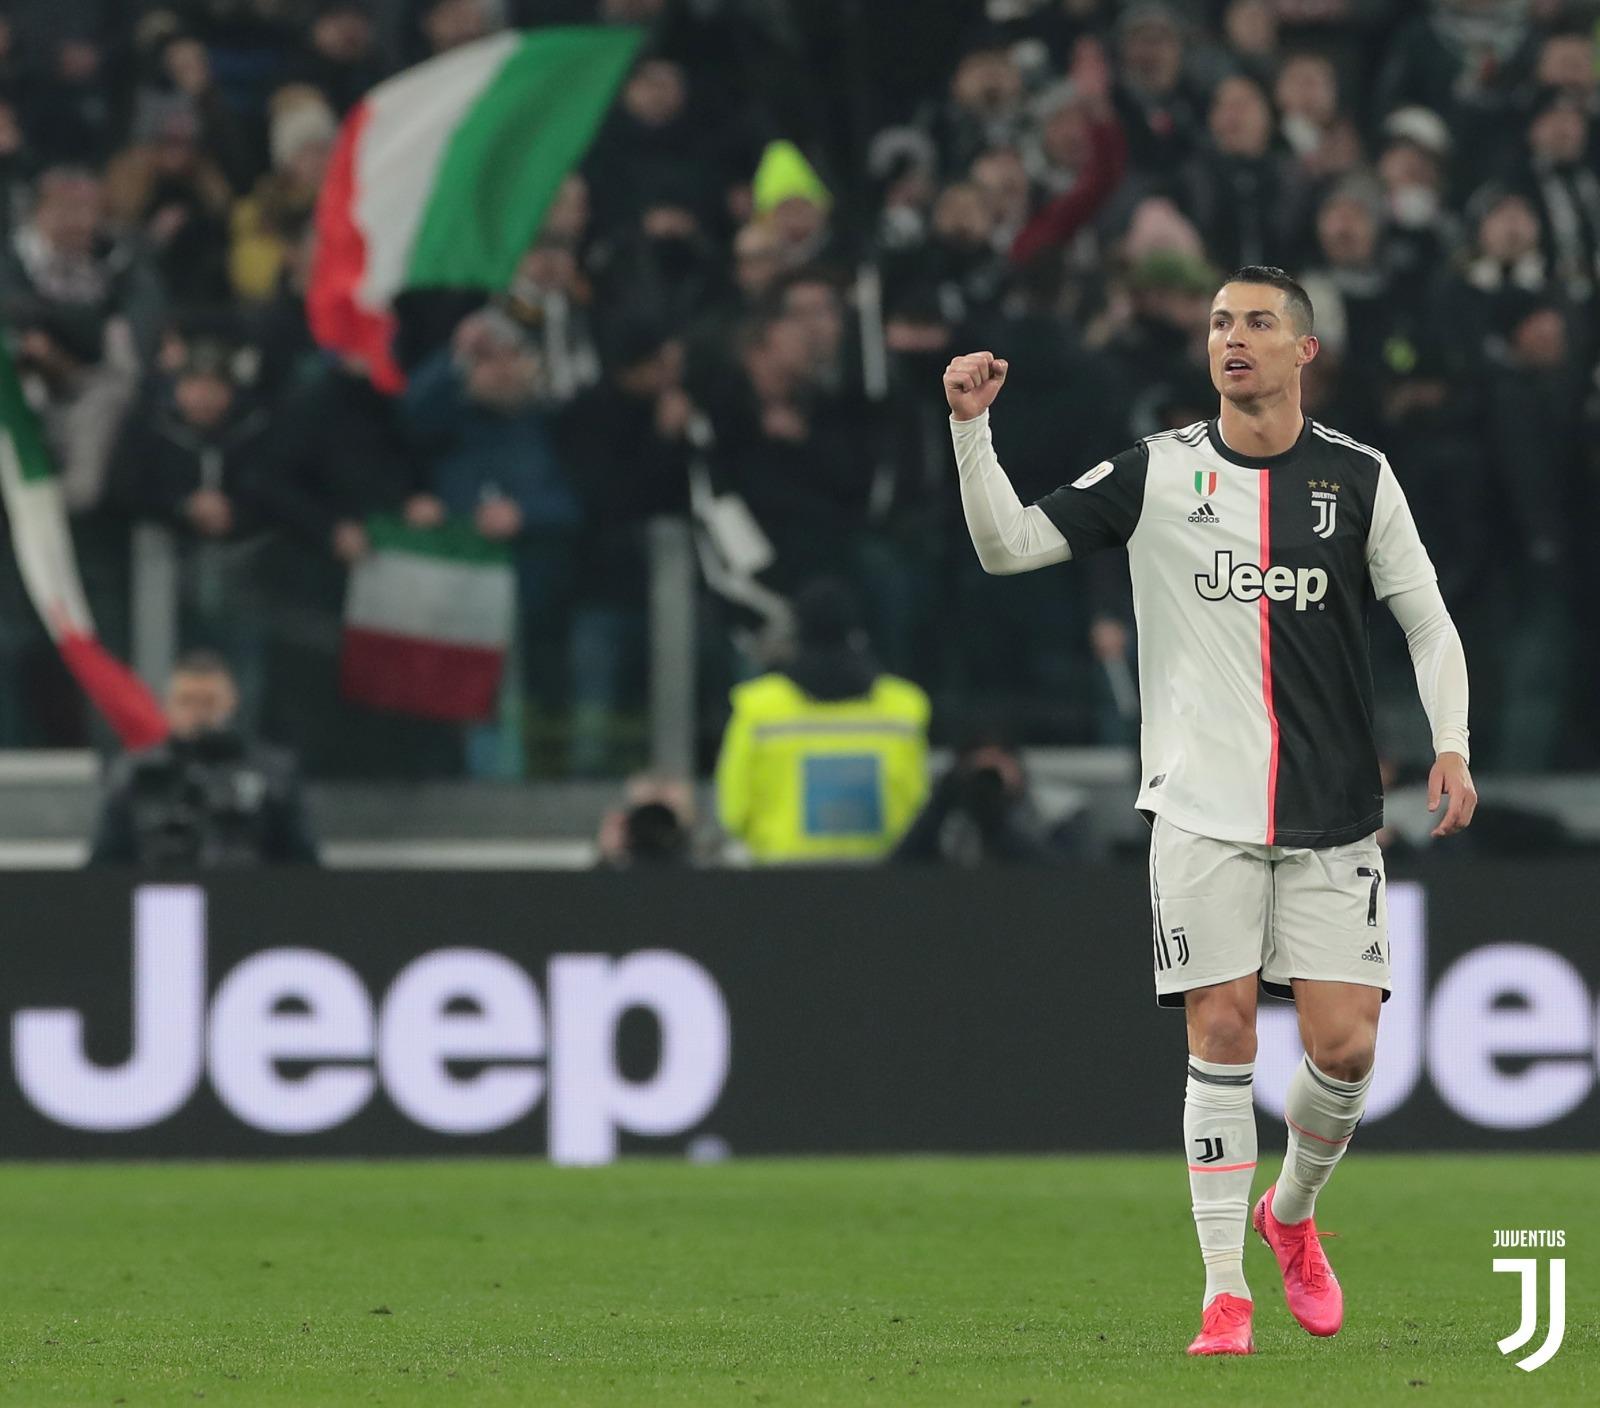 CorSport: Ronaldo in cerca di gol, al San Paolo non ha mai segnato